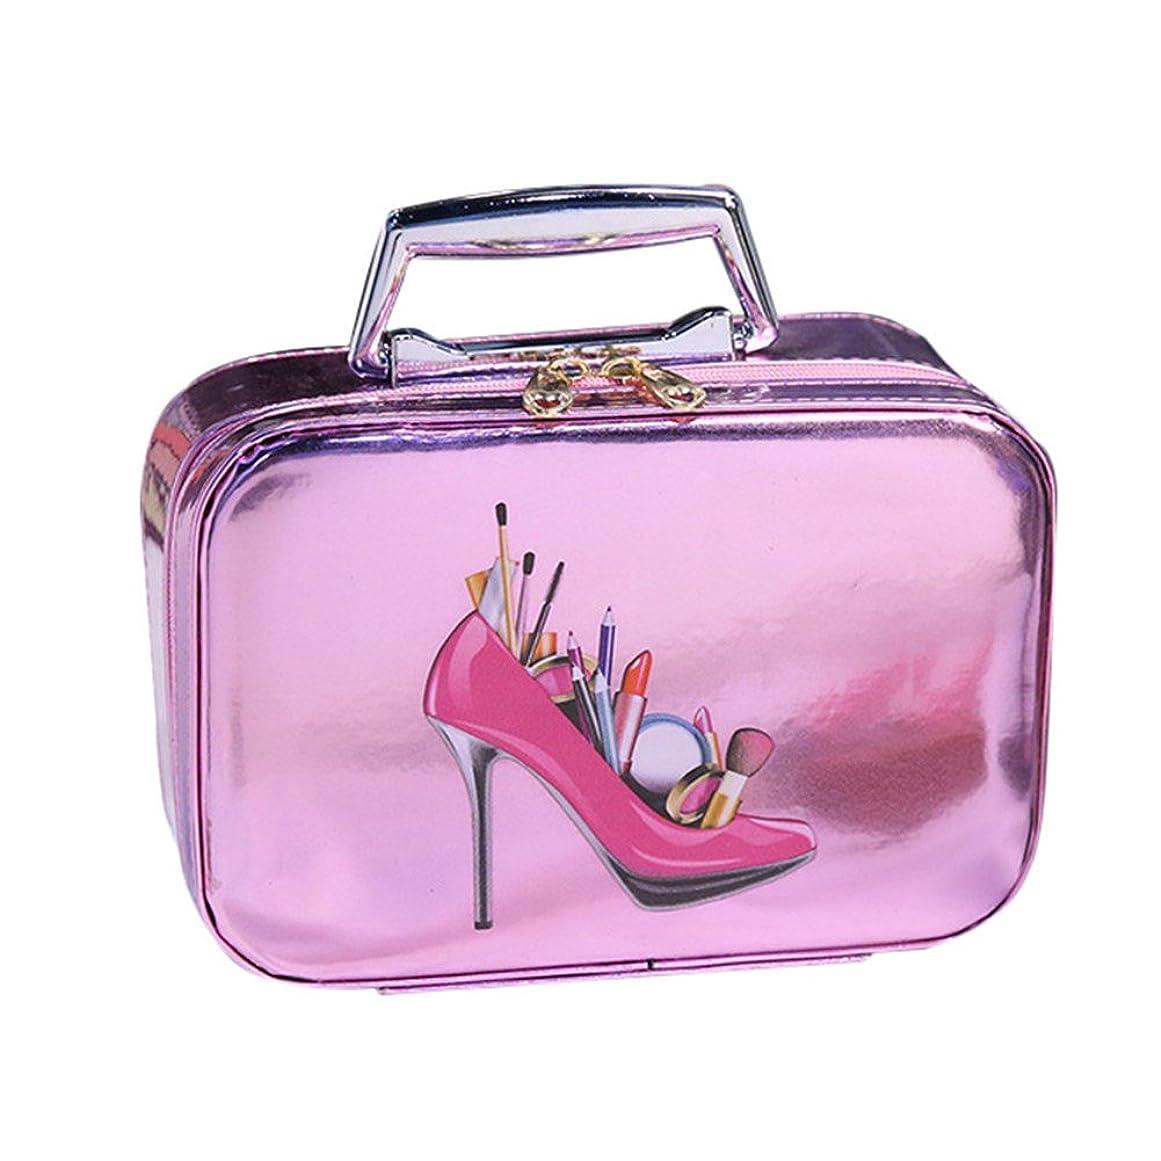 平日振動させるサワーDRASAWEE(JP) 化粧バッグ メイクボックス コスメポーチ 小物整理 明るい キュート 高級感カラー ニューファション 活躍 ピンク